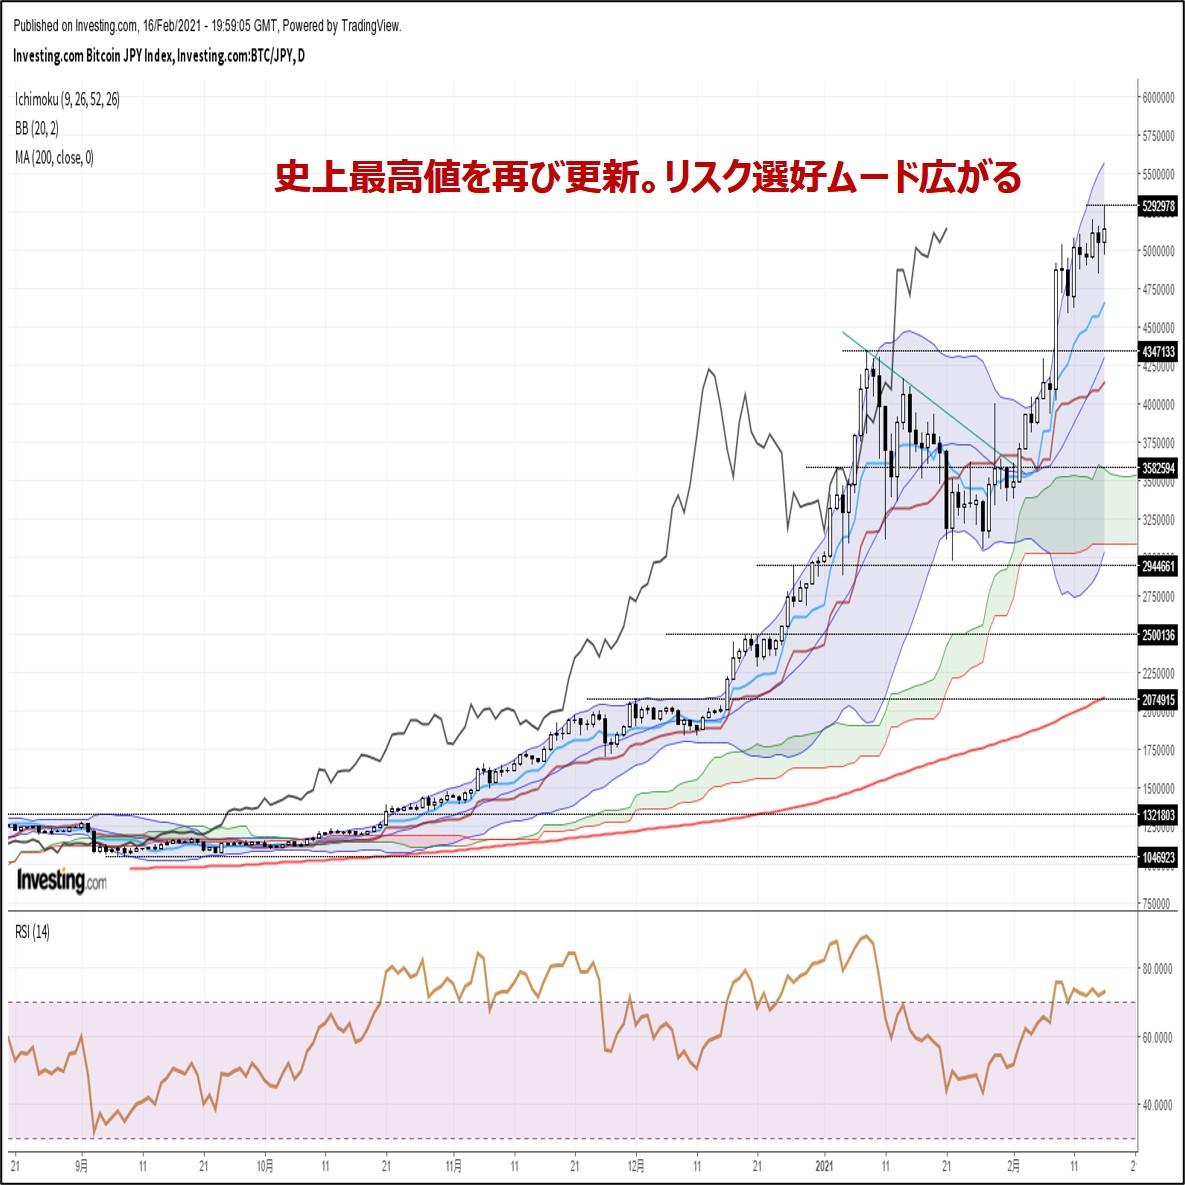 ビットコイン円、史上最高値を再び更新。リスク選好ムード広がる